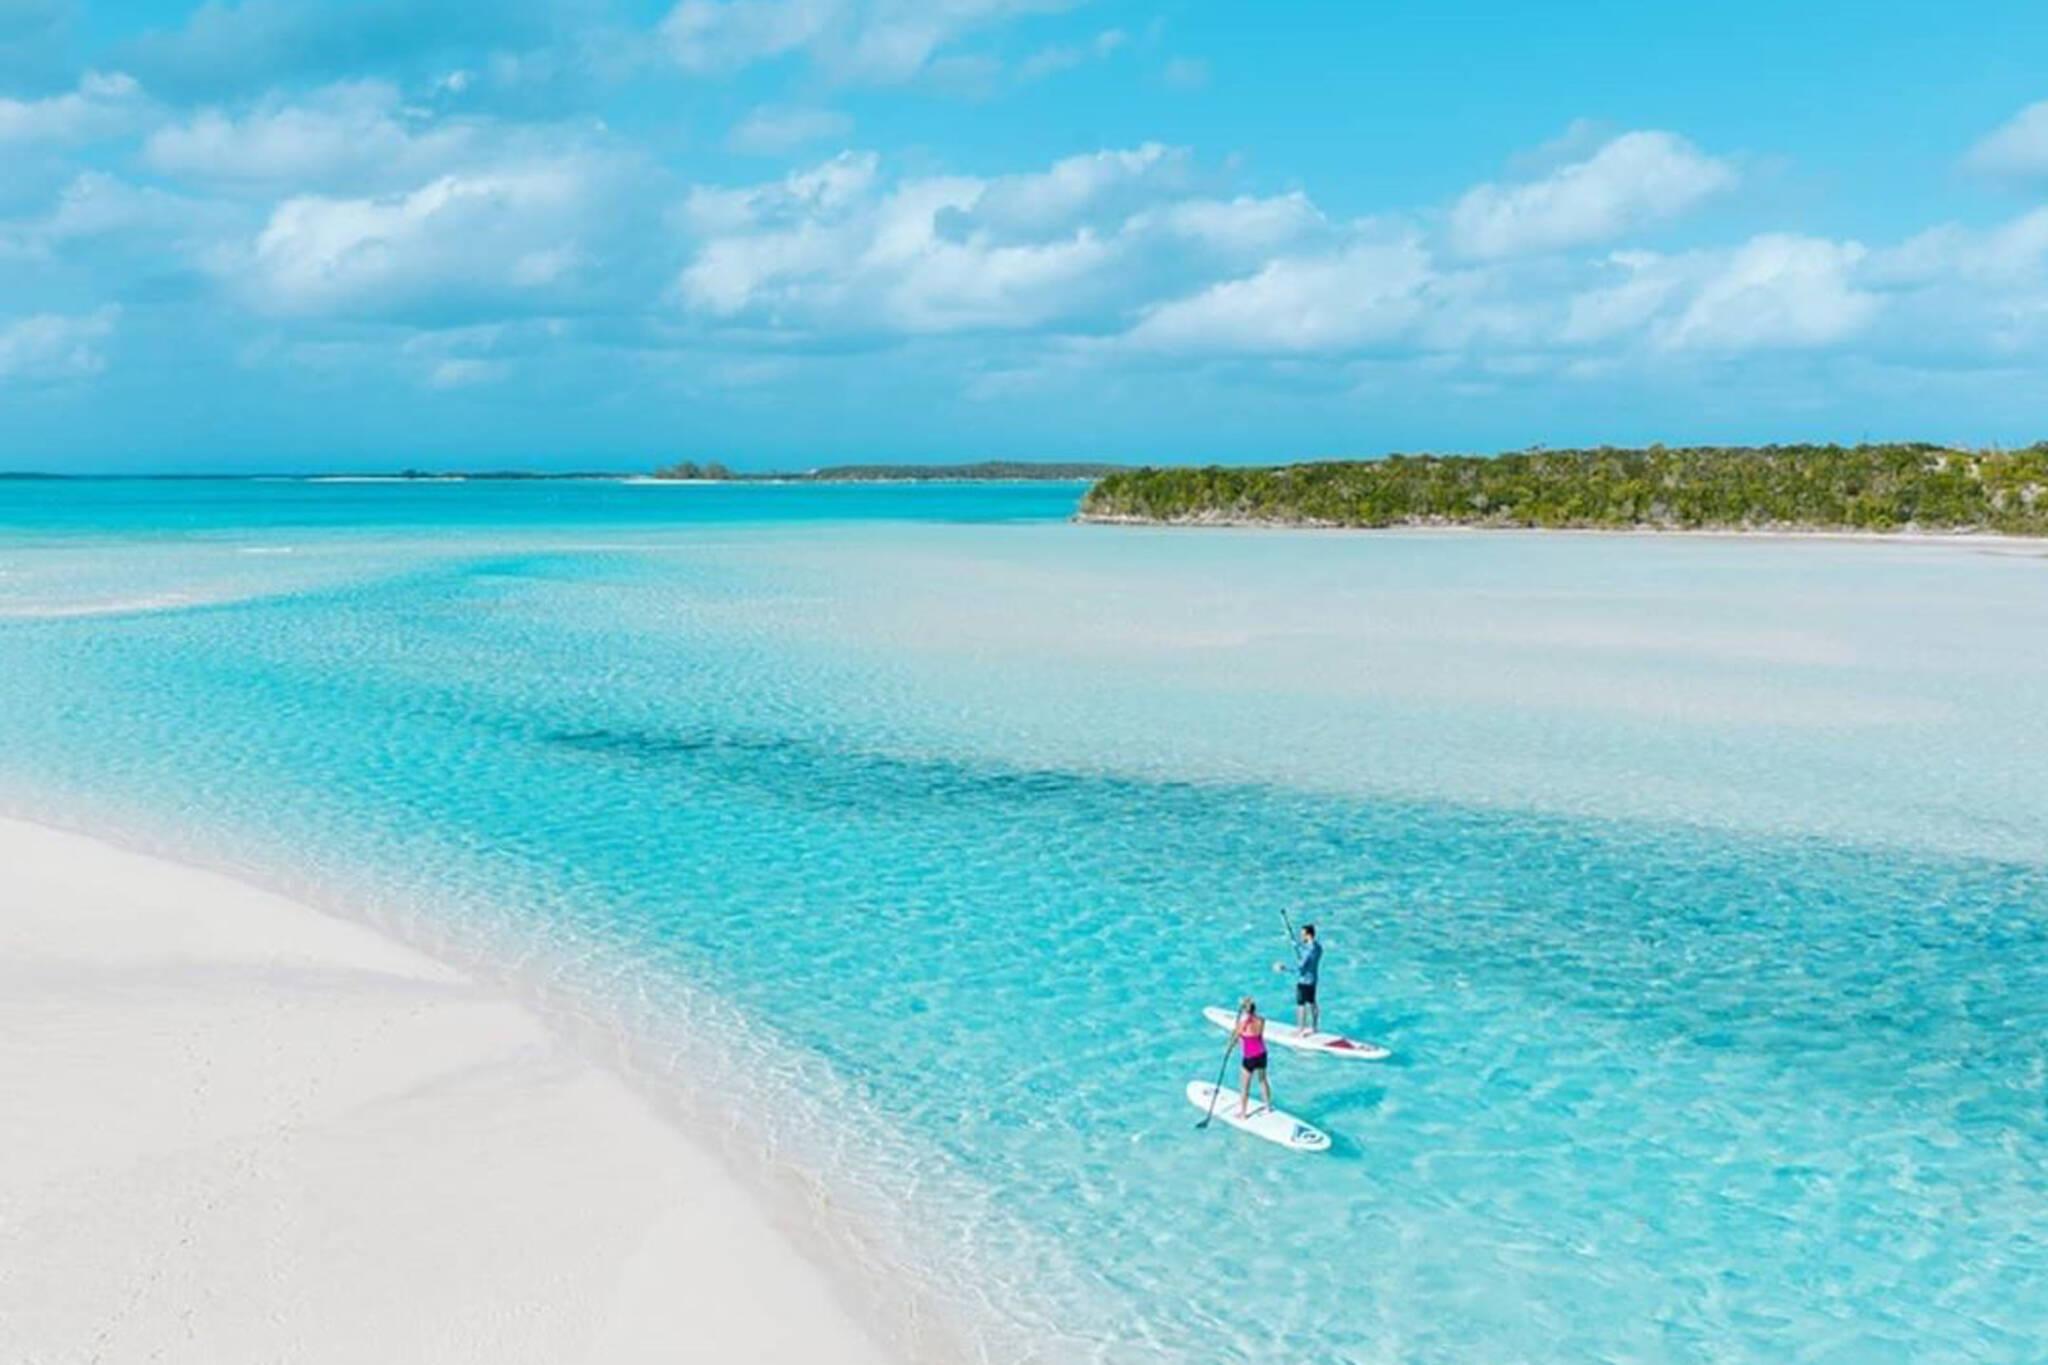 bahamas covid 19